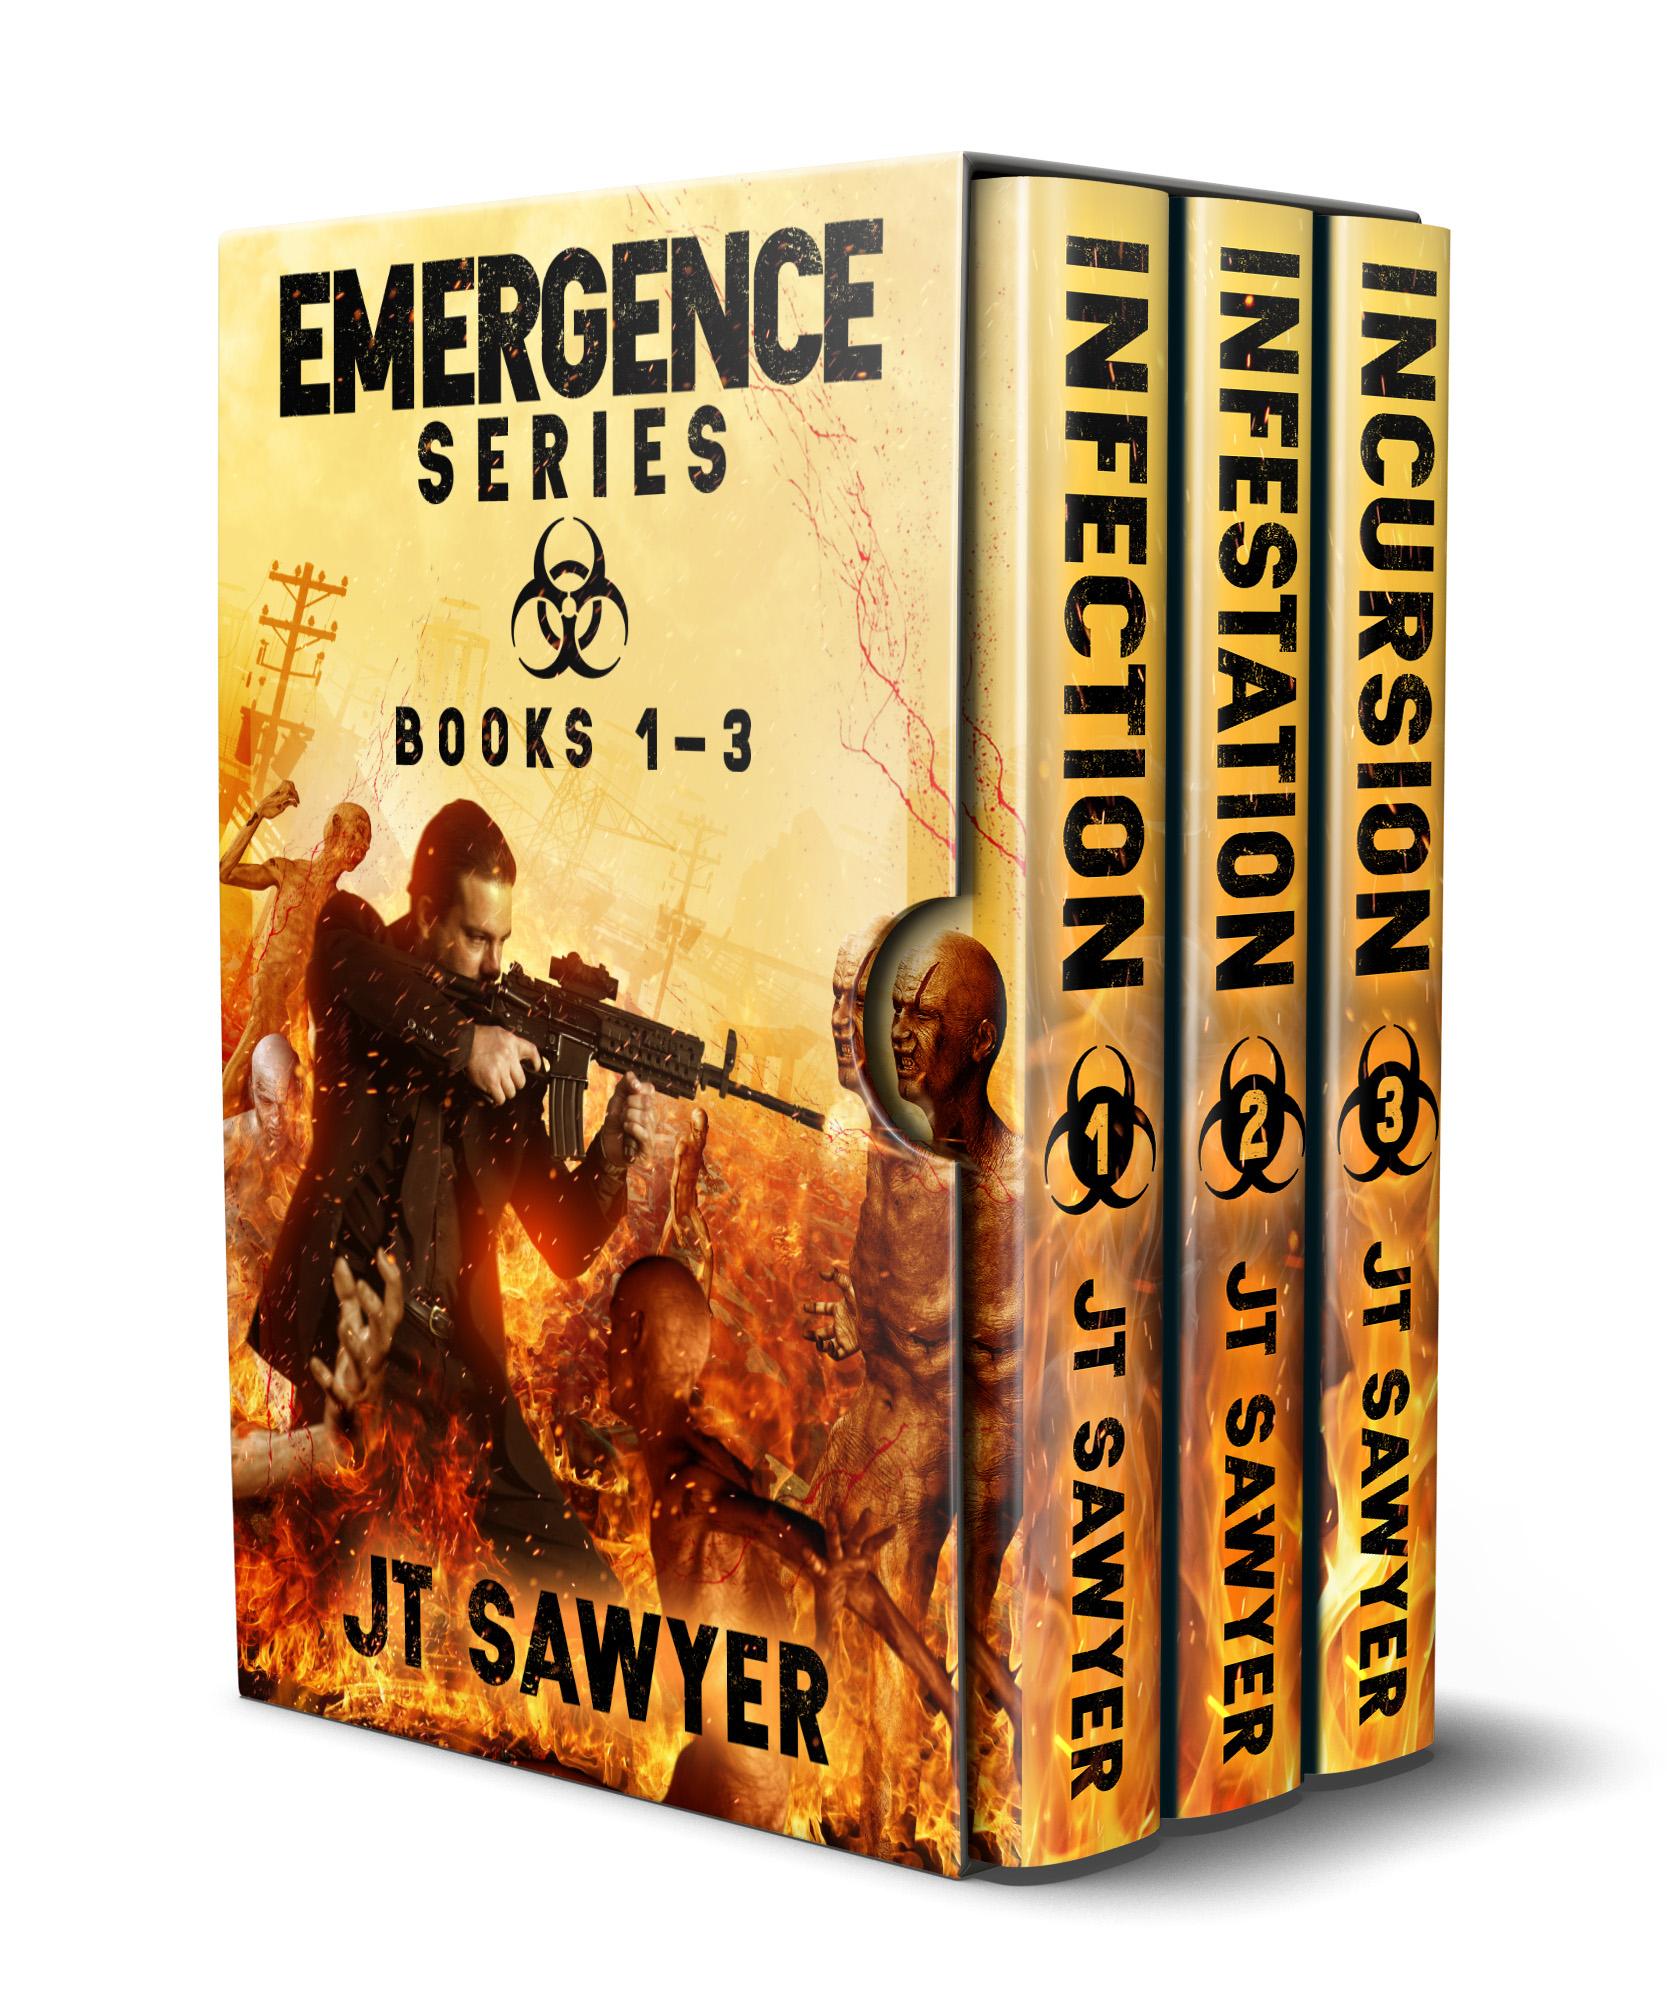 Emergence Box Set